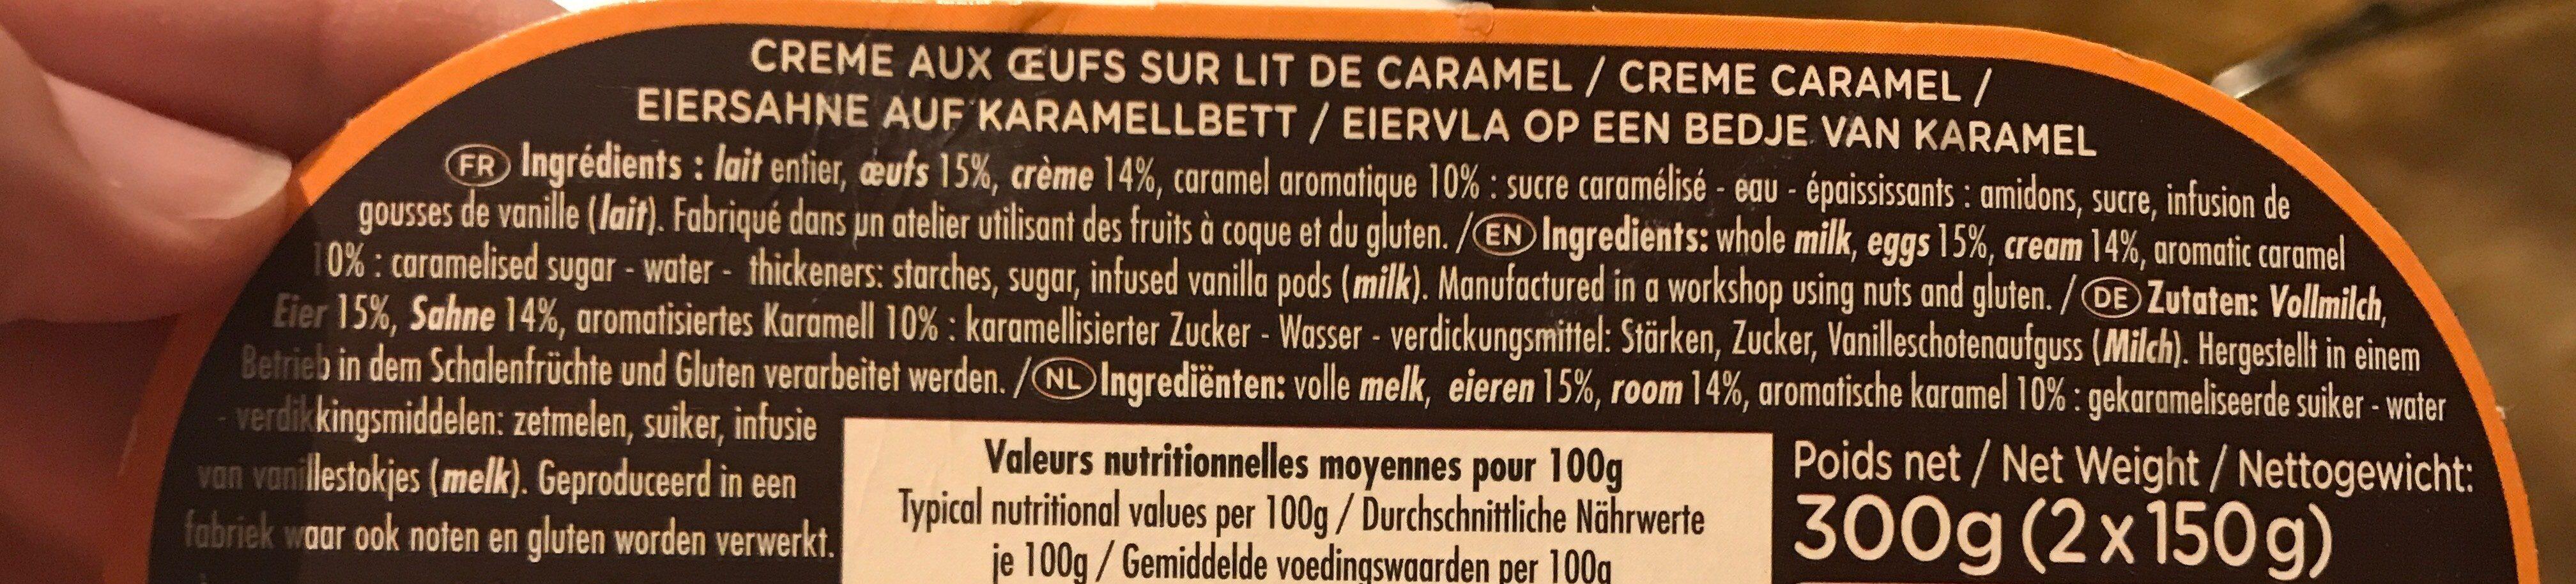 La crème aux oeufs - Ingrédients